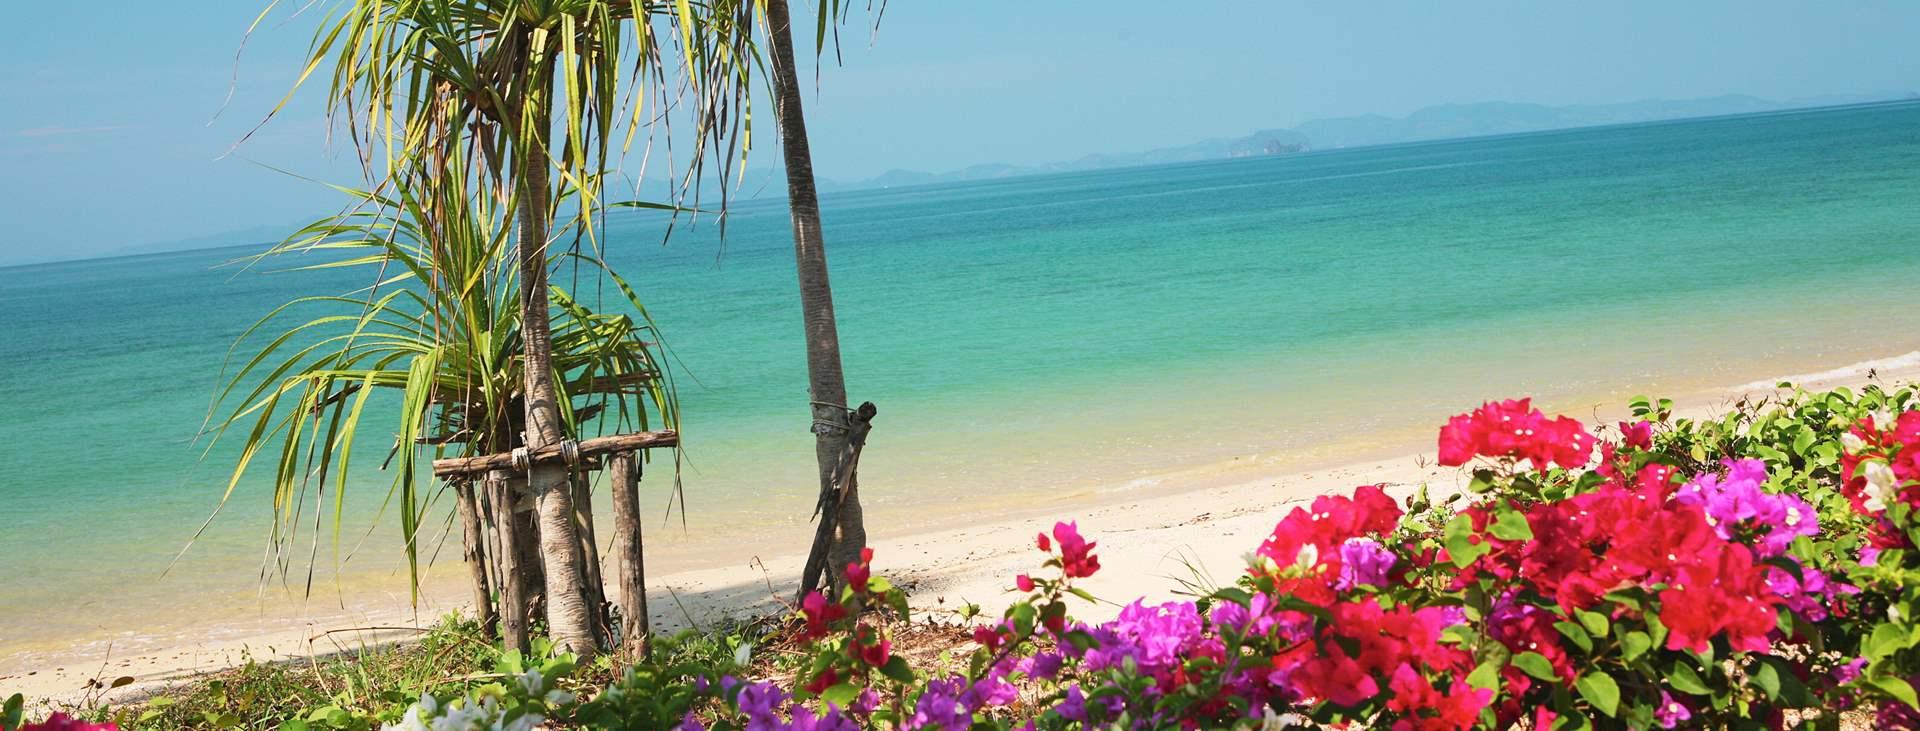 Bestill en reise med Ving til Klong Muang Beach i Thailand